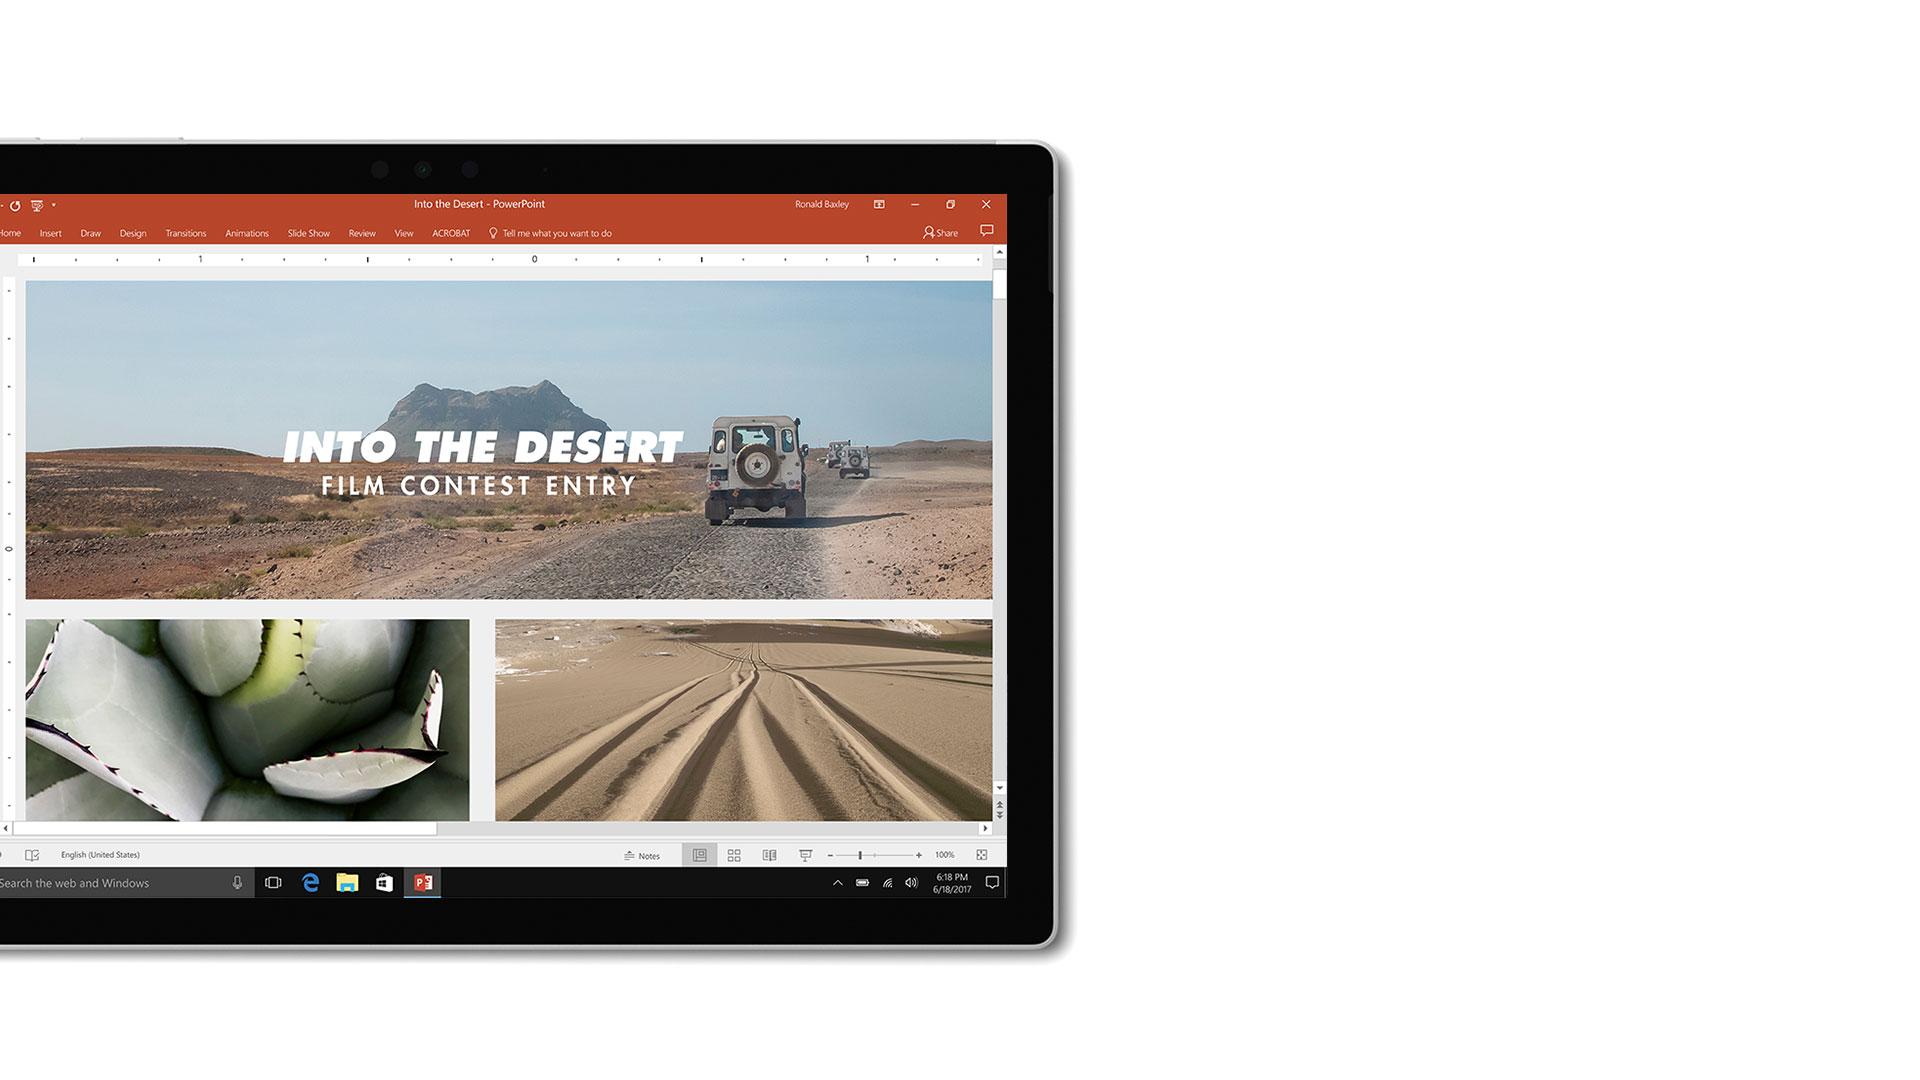 Imagem da interface de utilizador do Microsoft PowerPoint